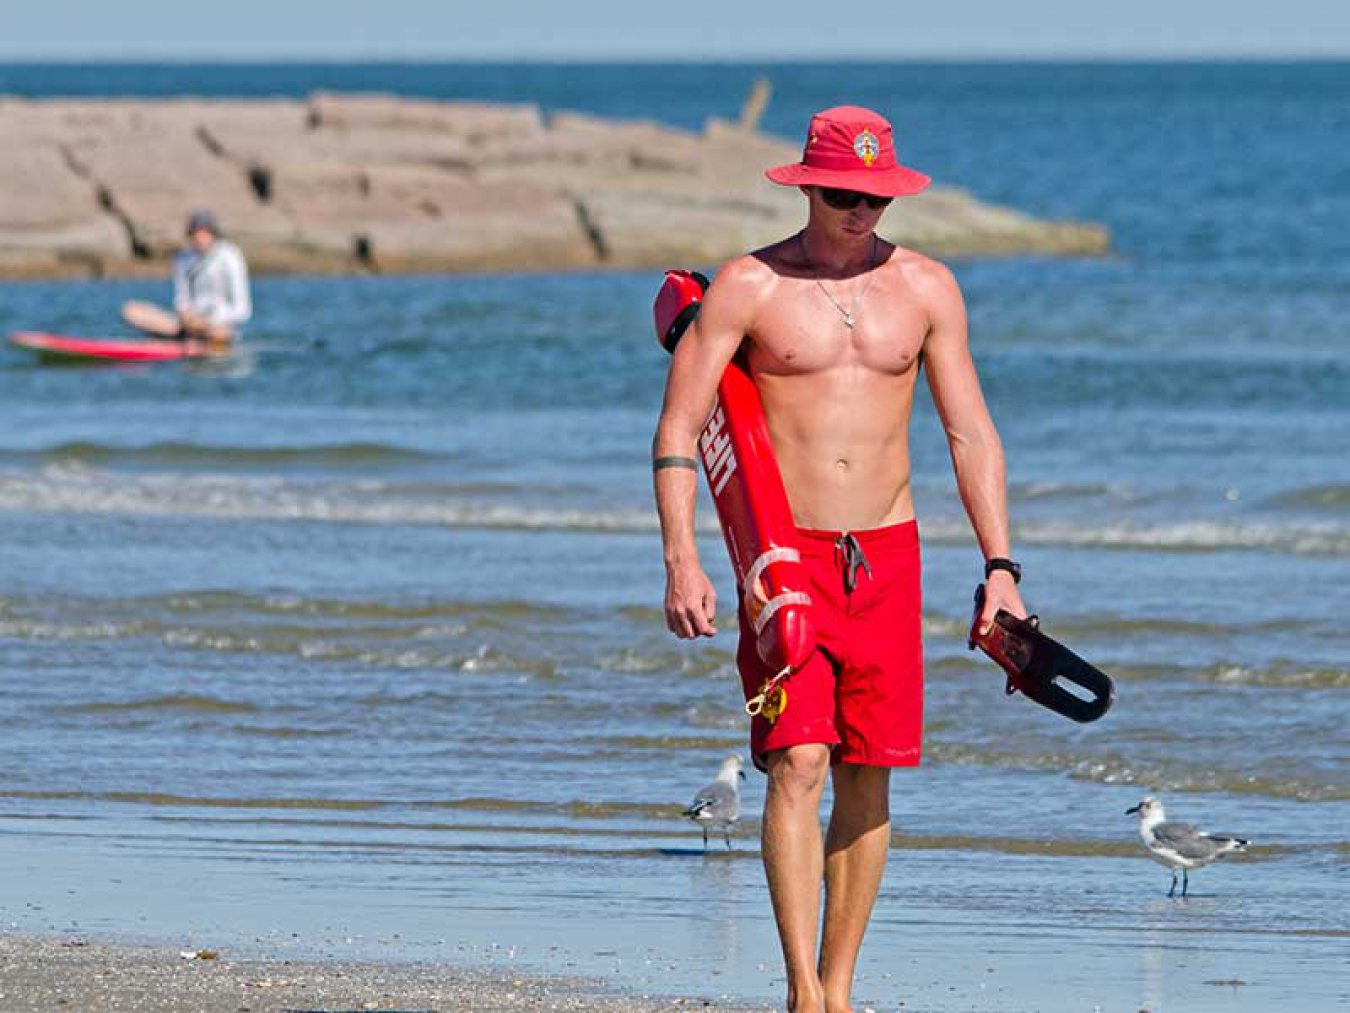 Lifeguard Beach Paddleboarder